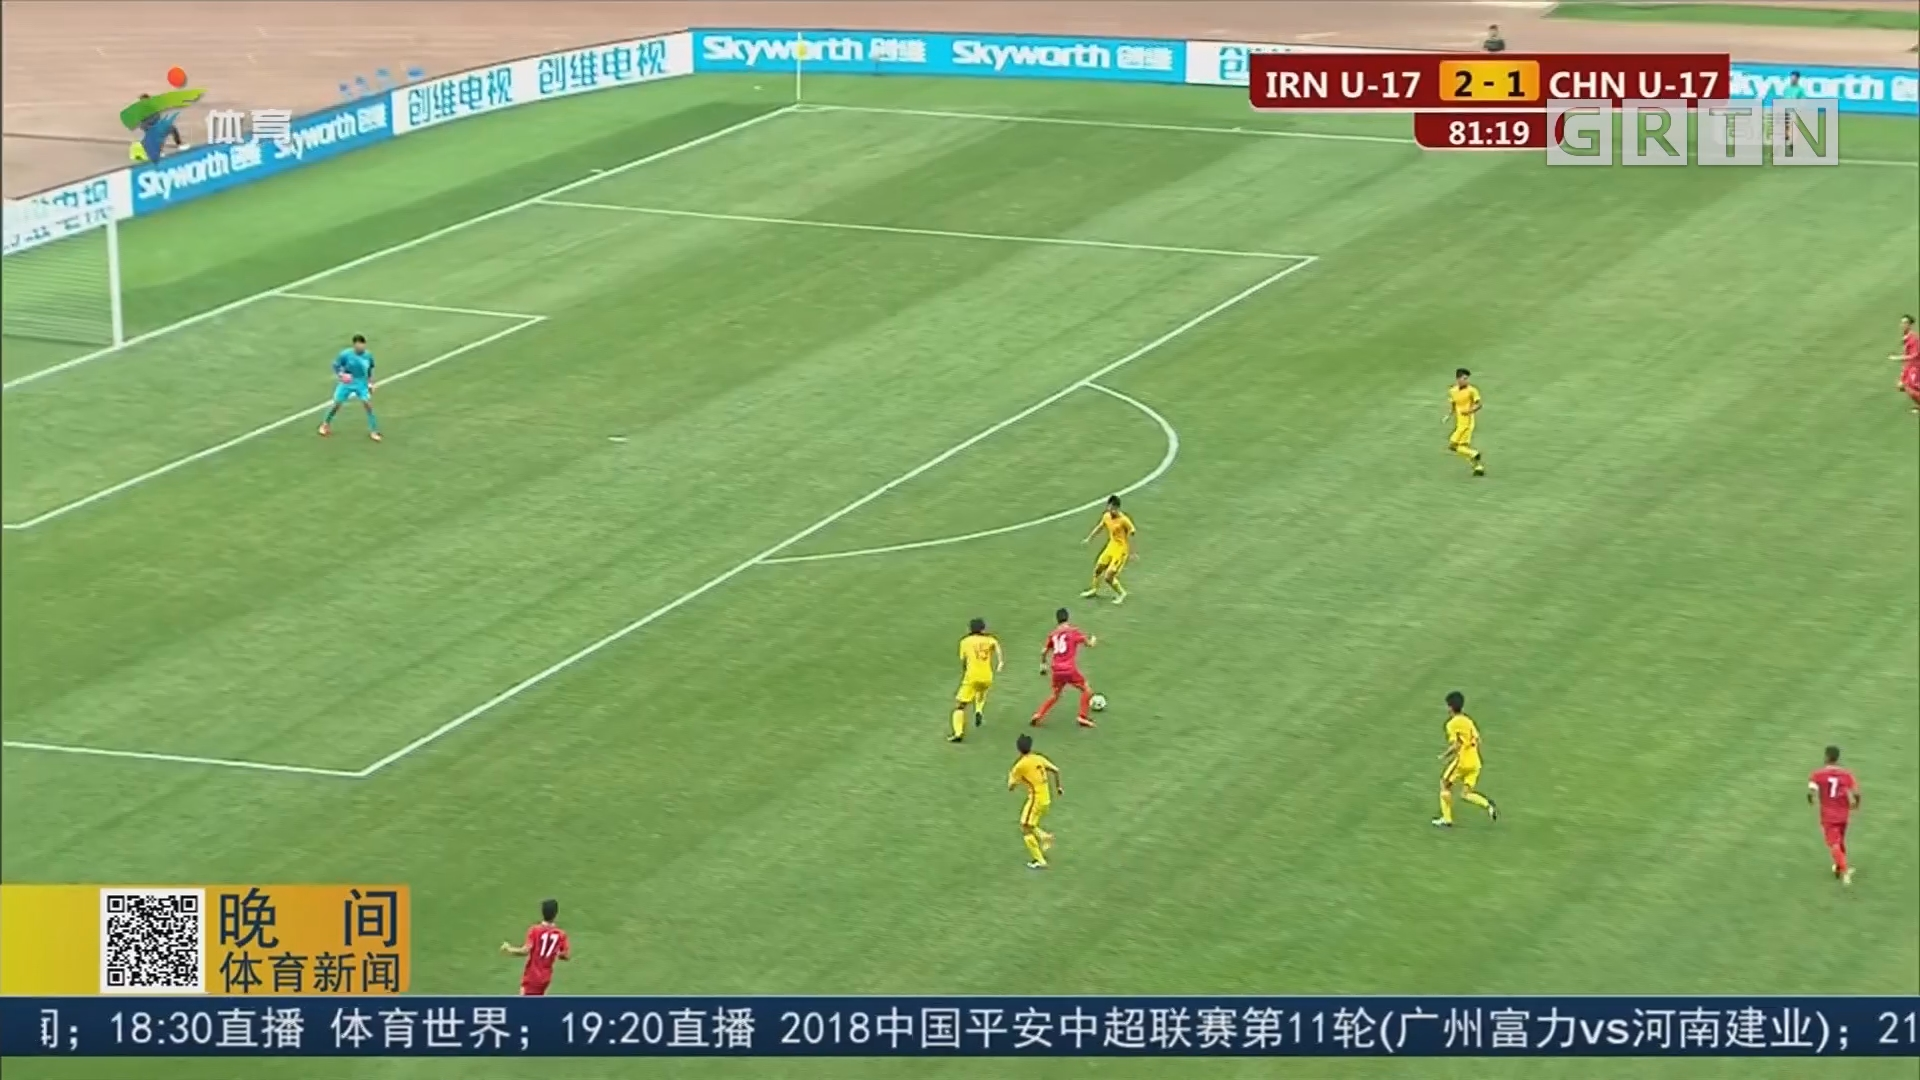 青年足球邀请赛 中国U17不敌伊朗U17